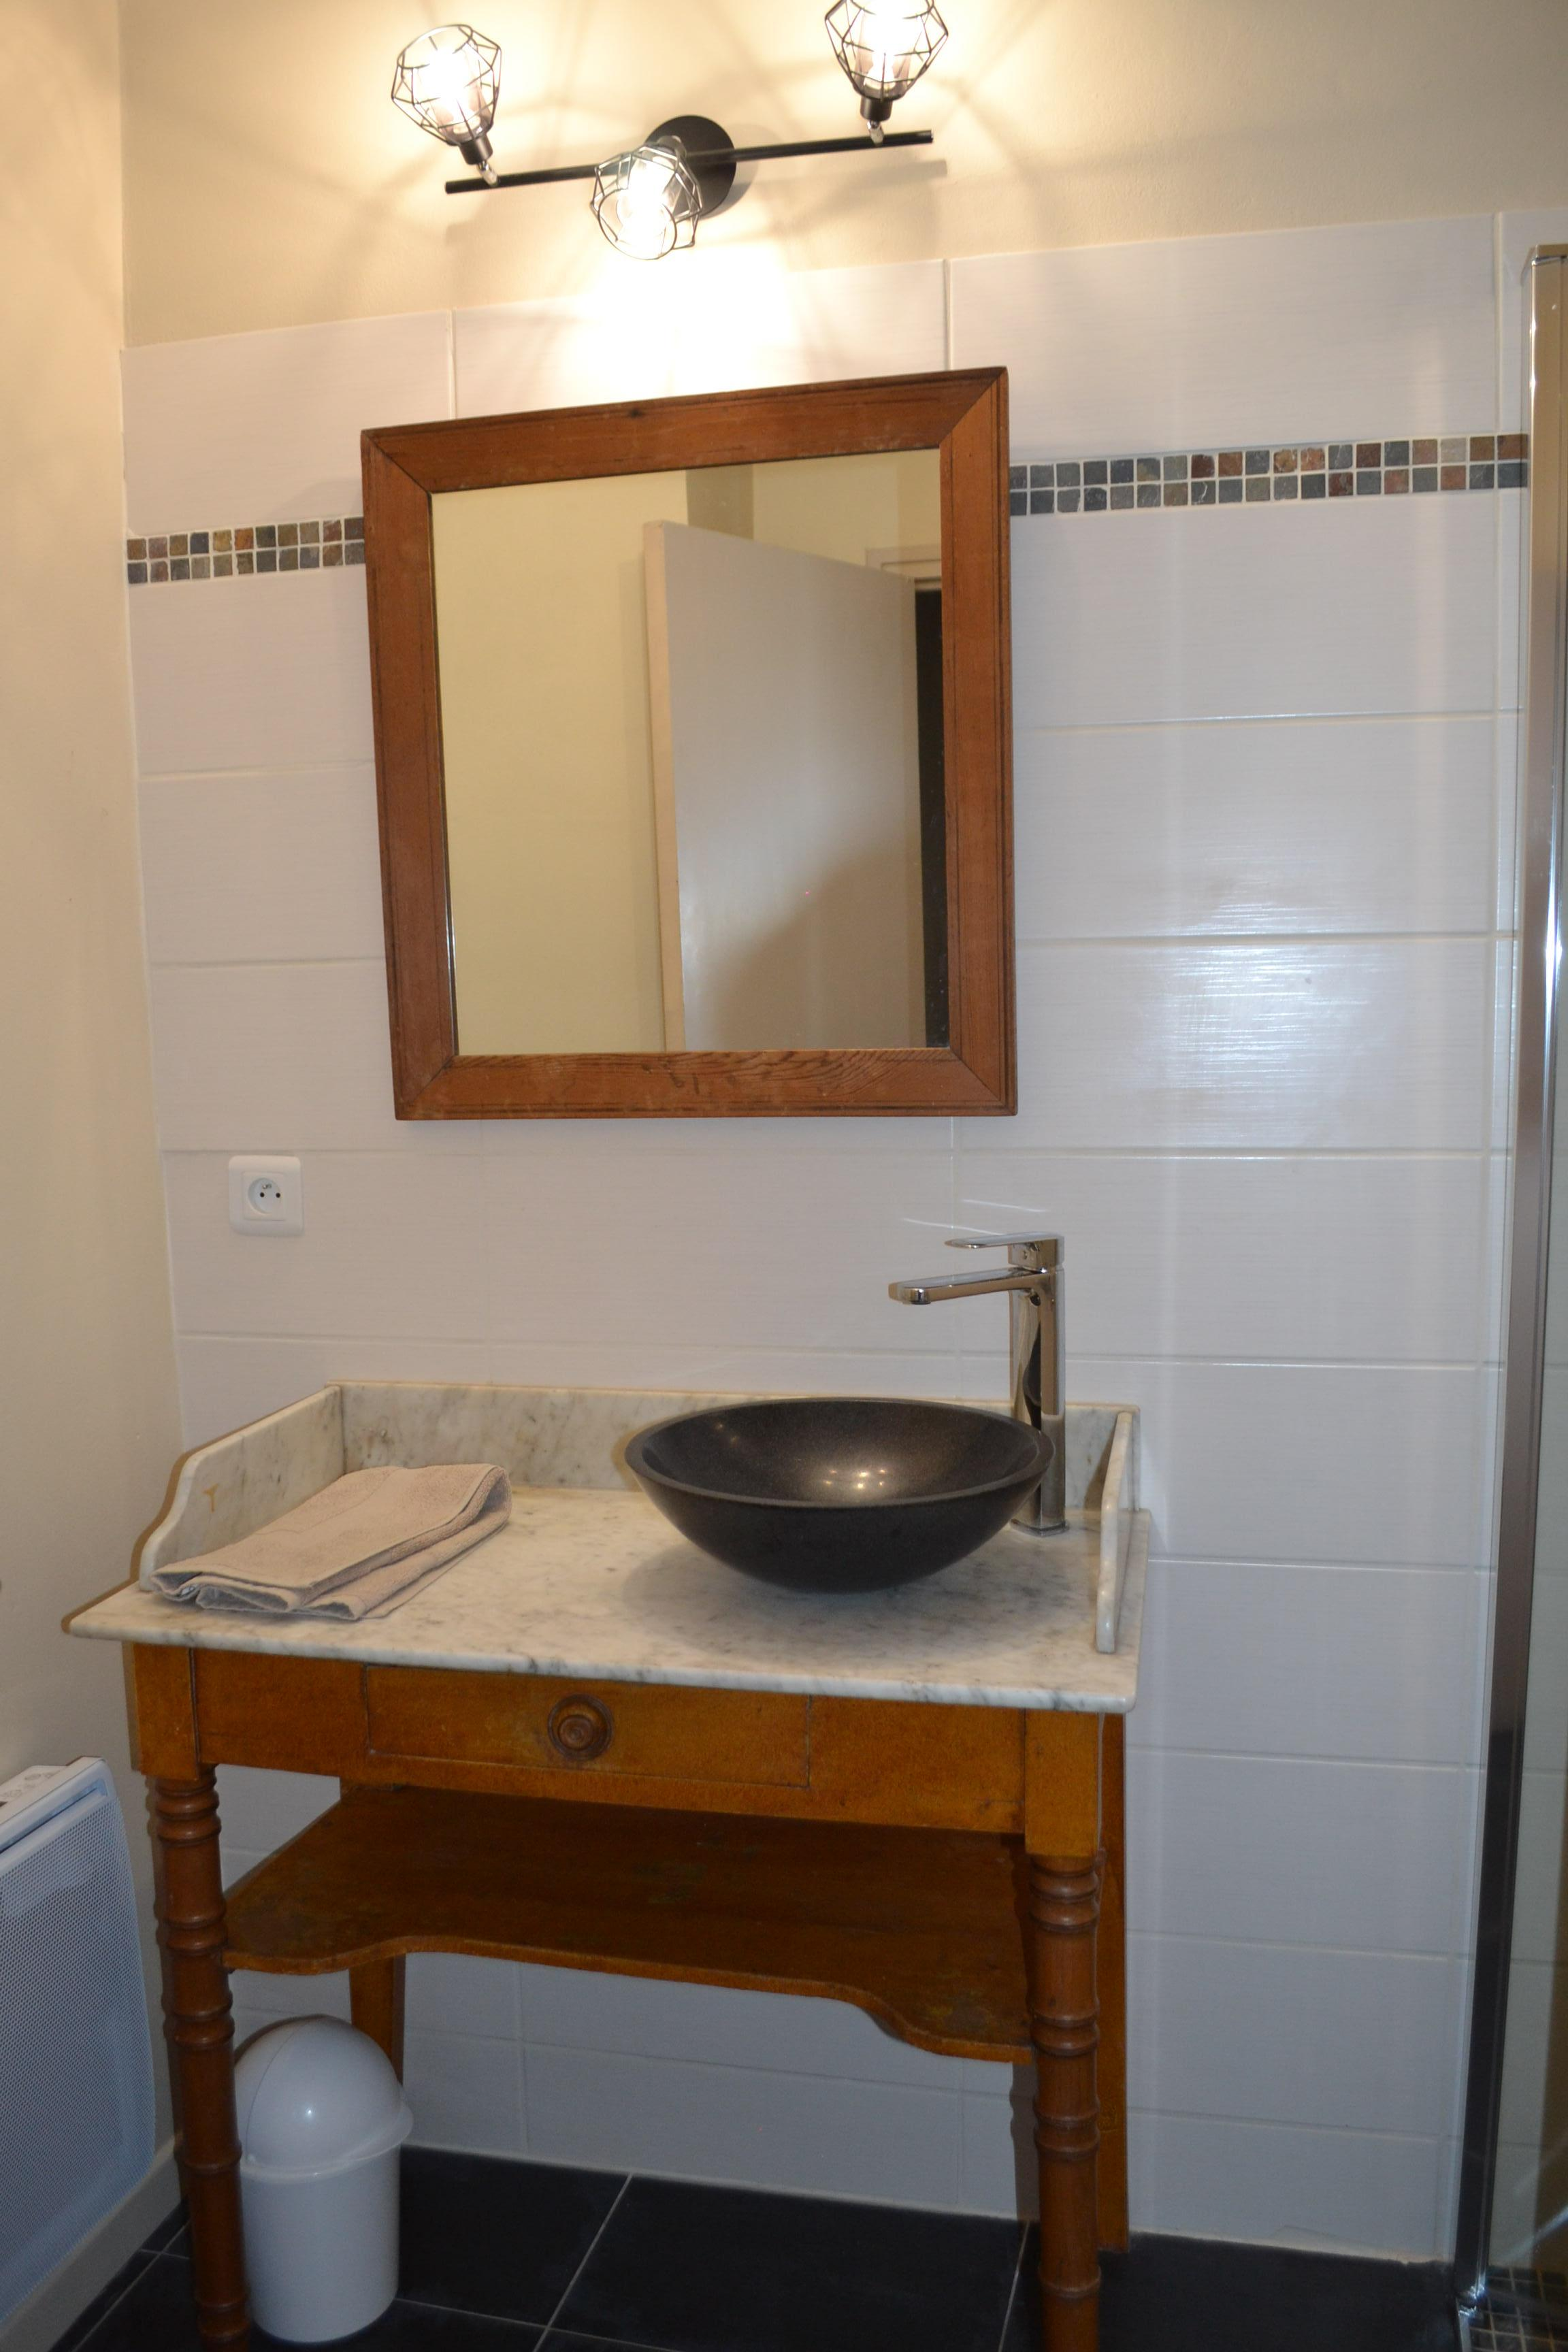 LA FOURNIERE salle de bain 1er étage